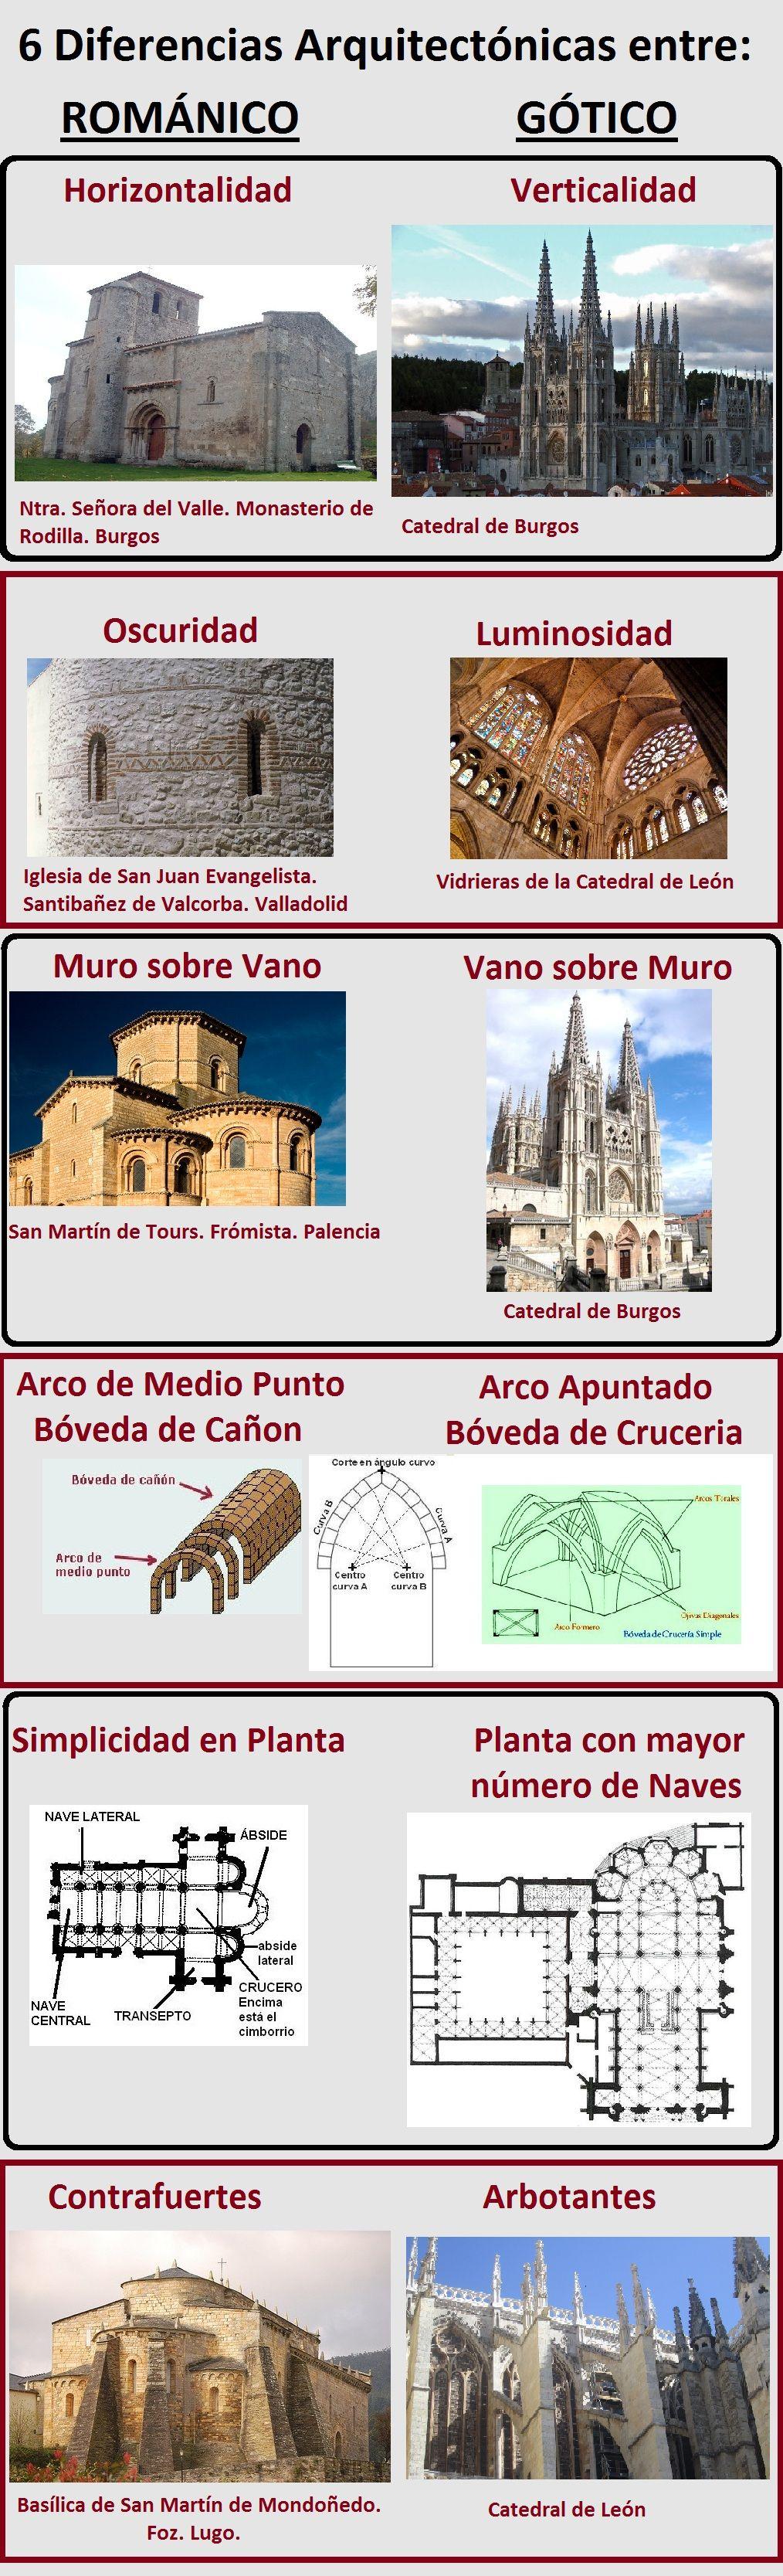 6 Diferencias Arquitectónicas Entre El Románico Y El Gótico Clases De Historia Del Arte Arquitectura Arte Arquitectura Gotica